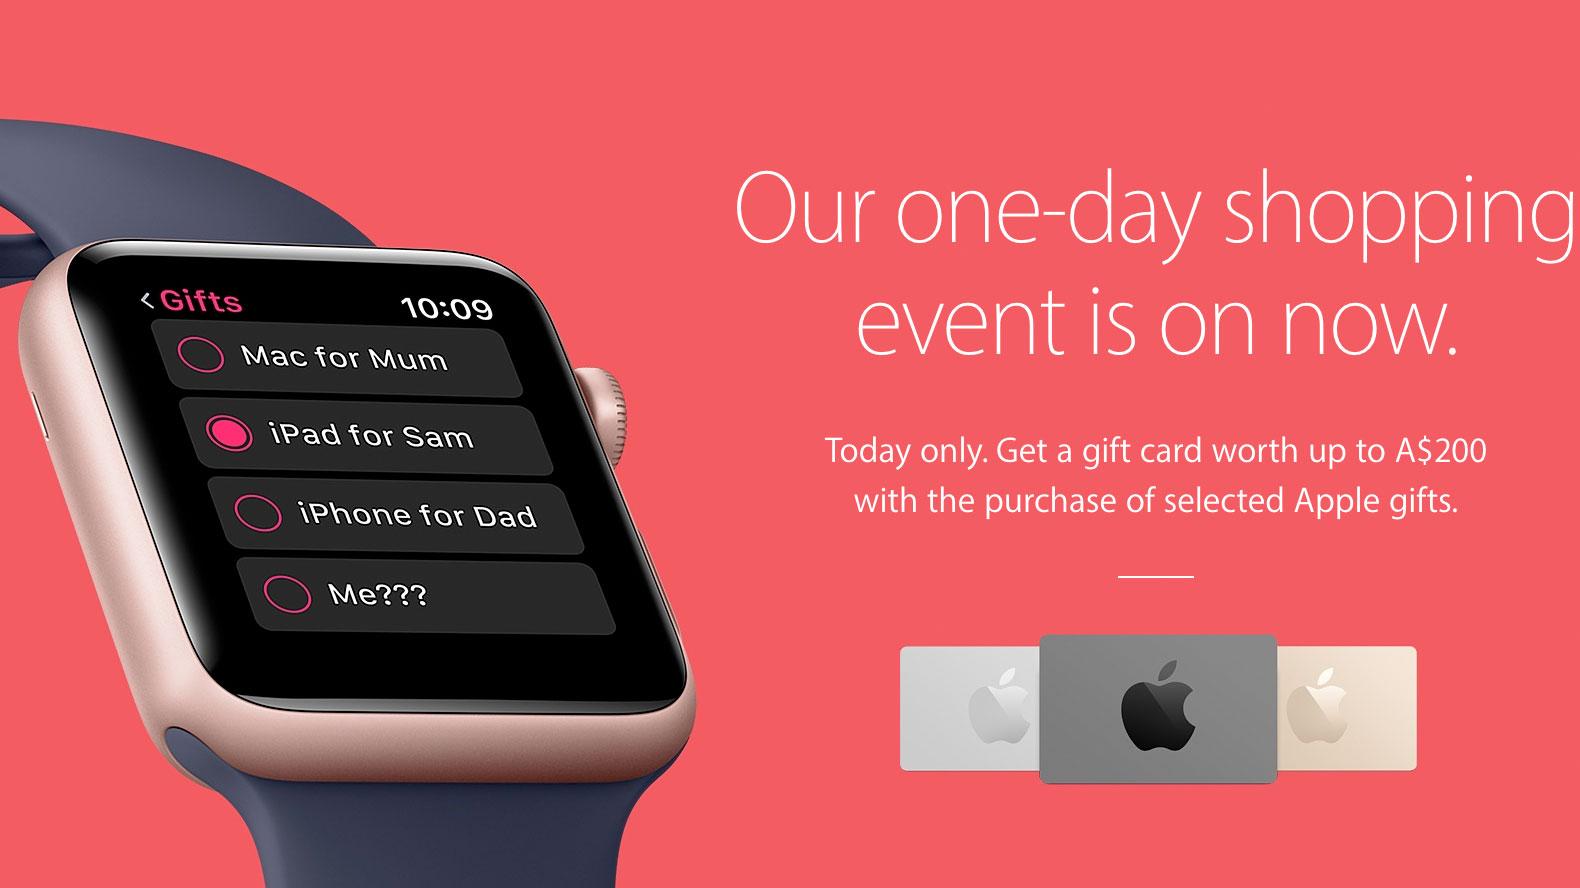 Oferta de Black Friday de Apple para el 2016